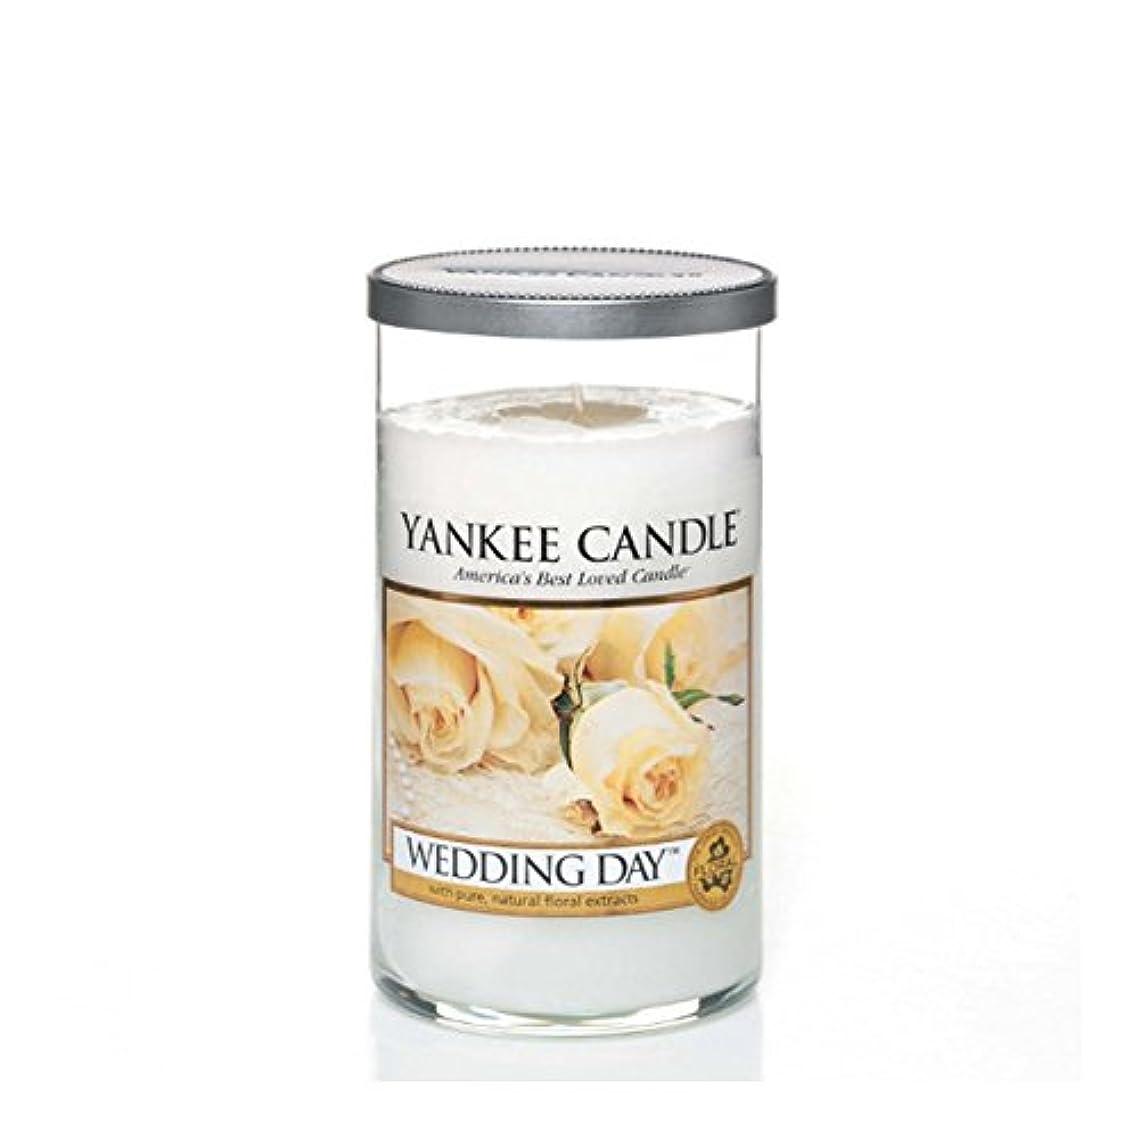 所有権目的布ヤンキーキャンドルメディアピラーキャンドル - 結婚式の日 - Yankee Candles Medium Pillar Candle - Wedding Day (Yankee Candles) [並行輸入品]